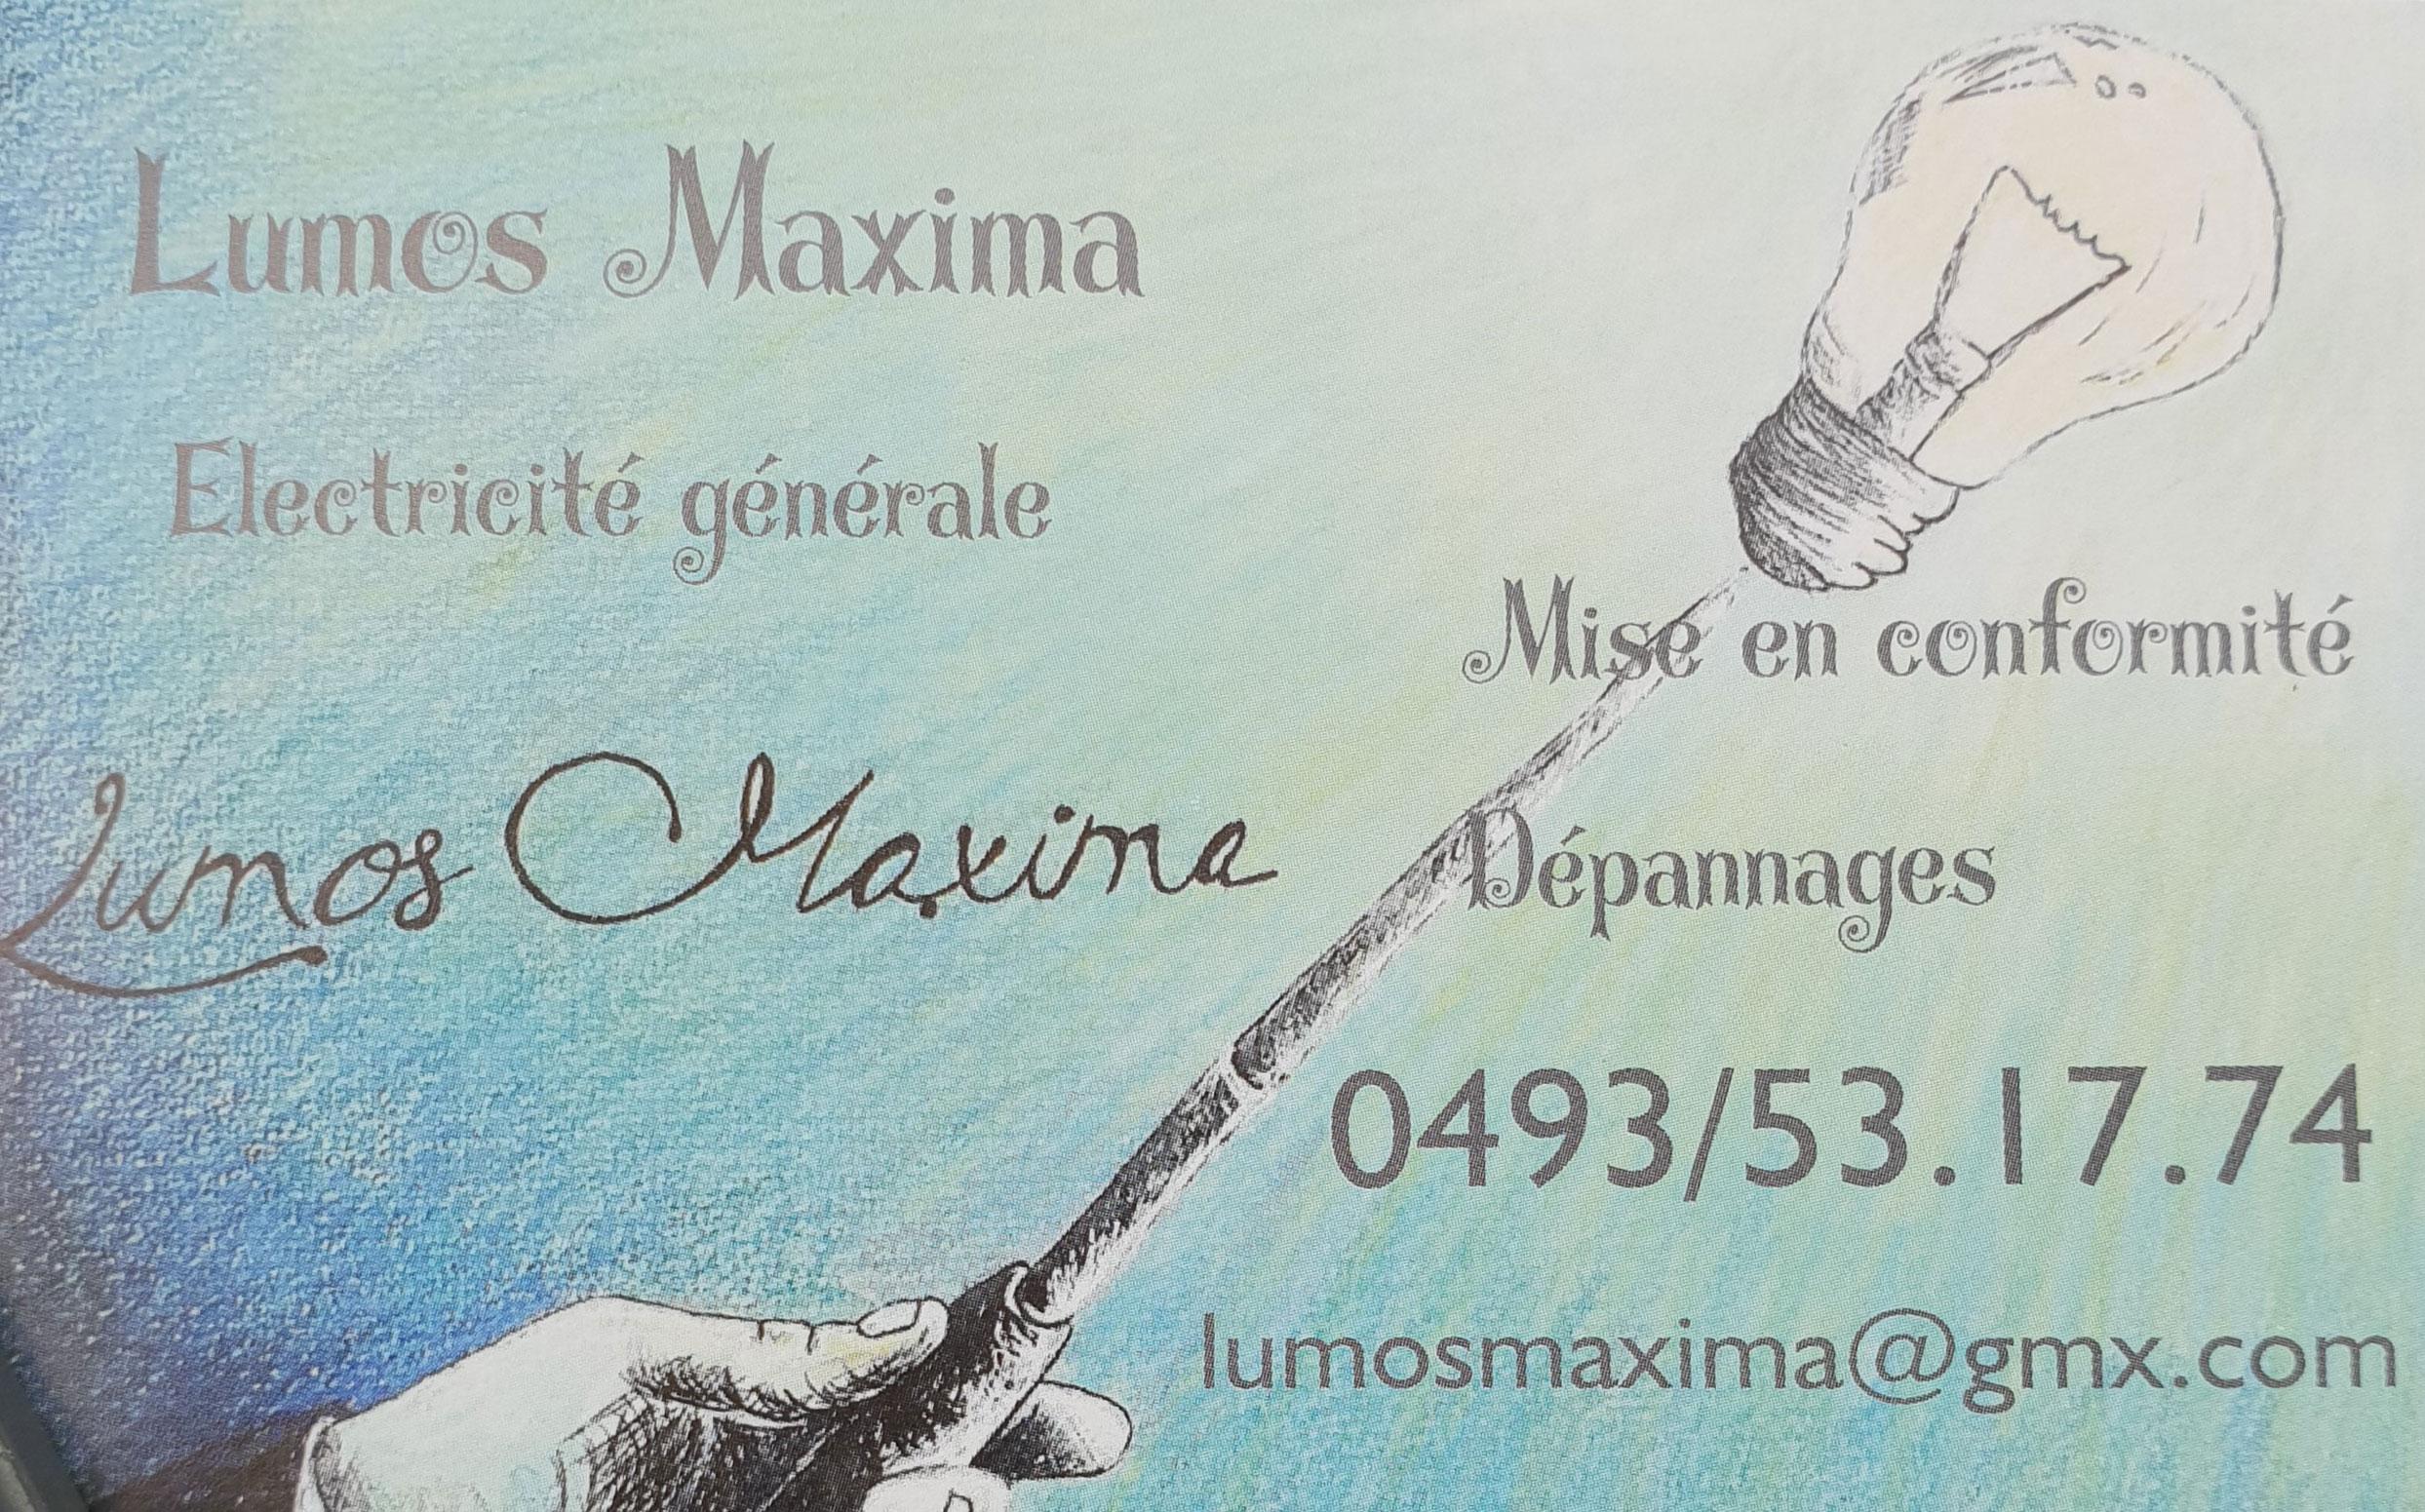 Lumos Maxima - Électricité générale